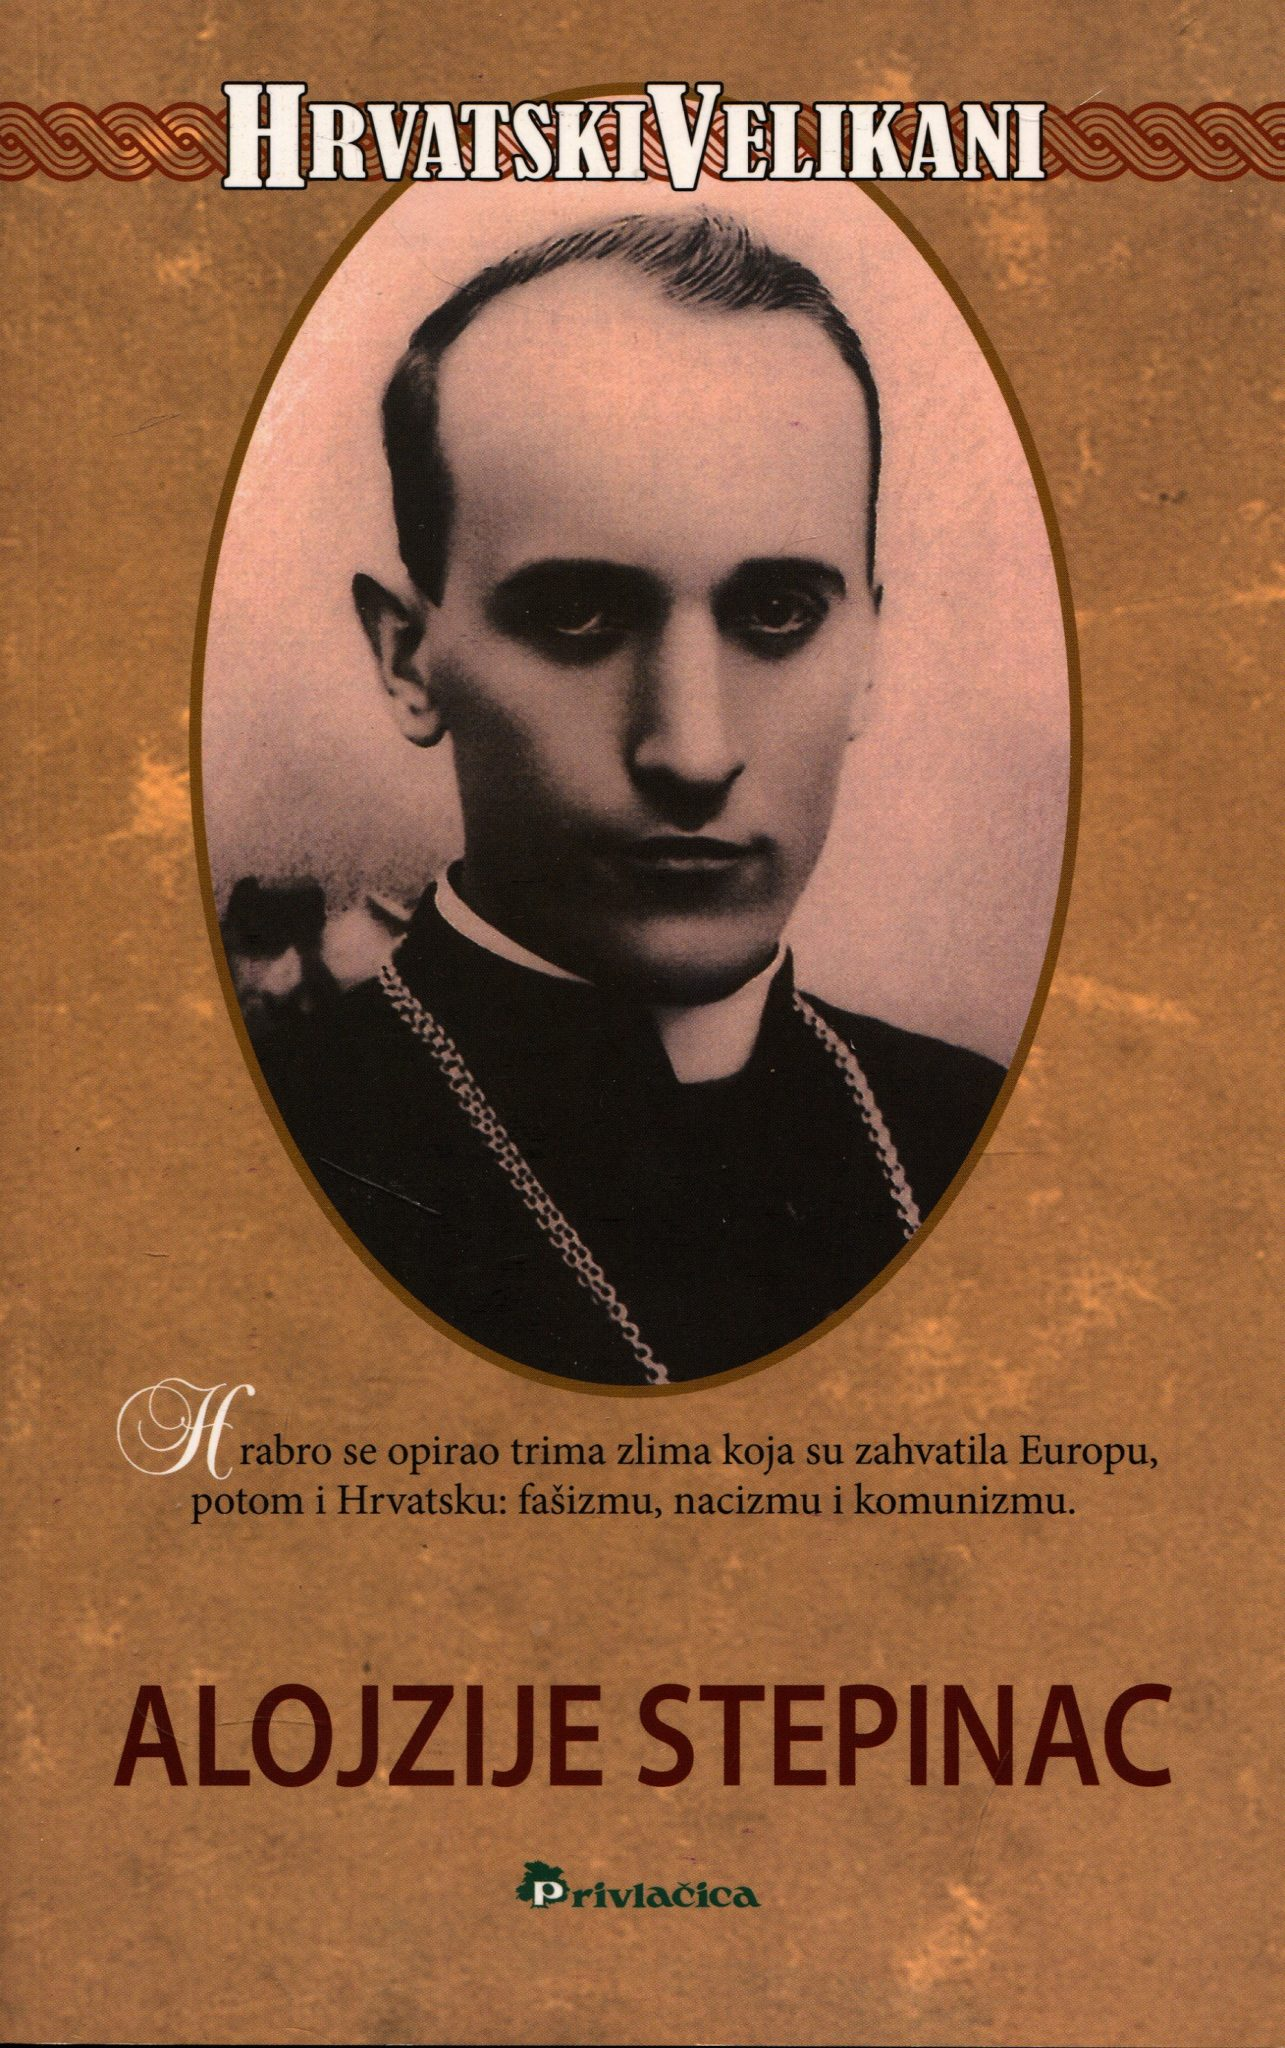 Alojzije Stepinac Agneza Szabo